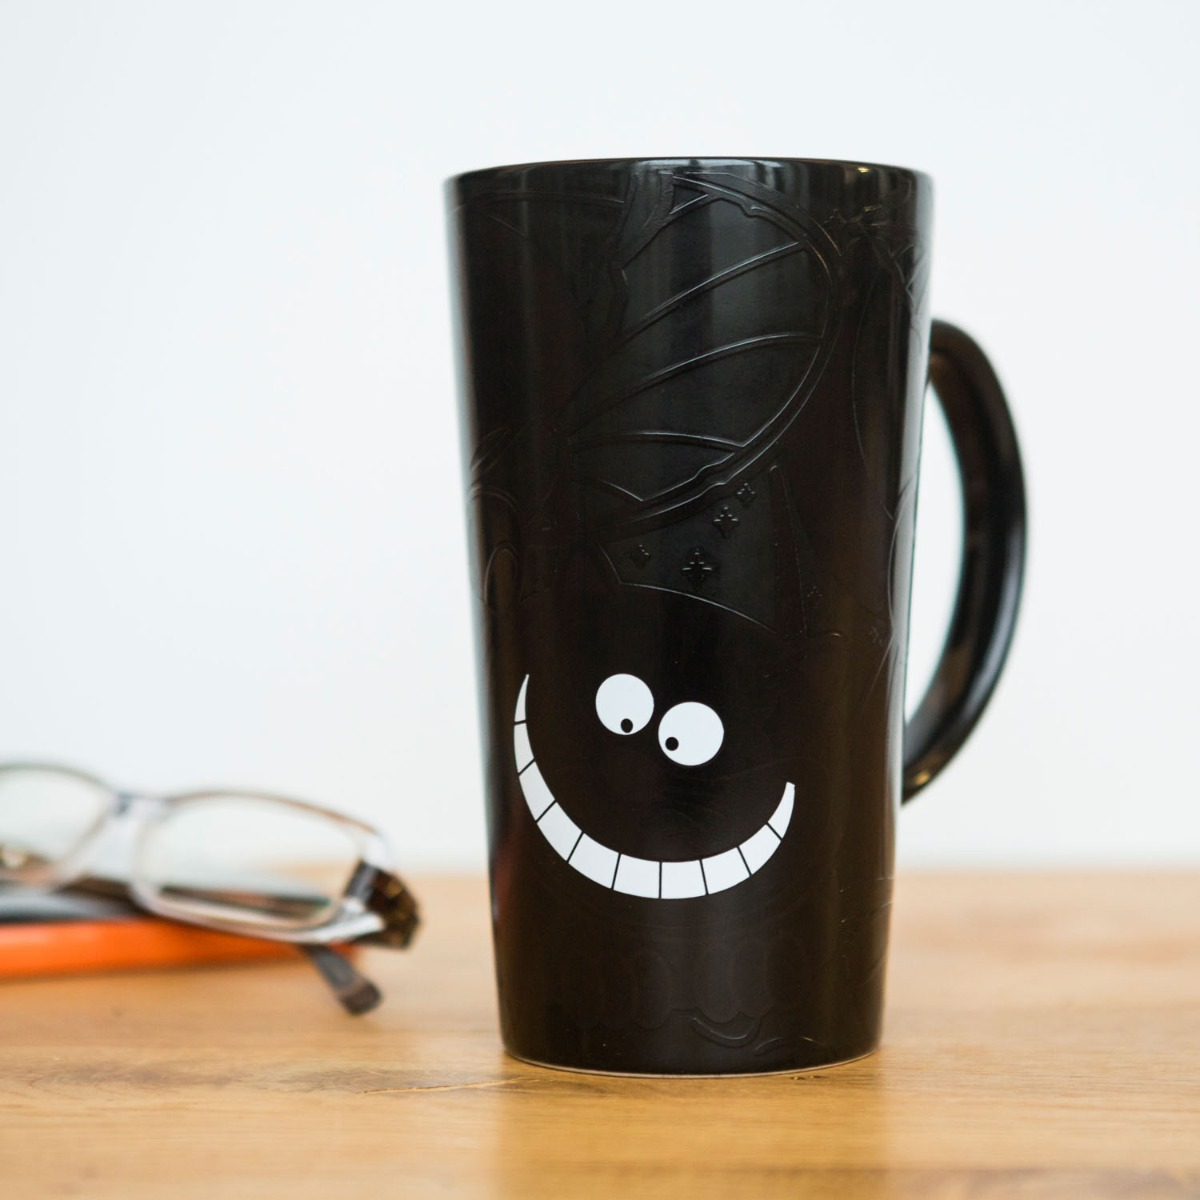 Wärmeempfindlicher Grinsekatze Kaffeebecher